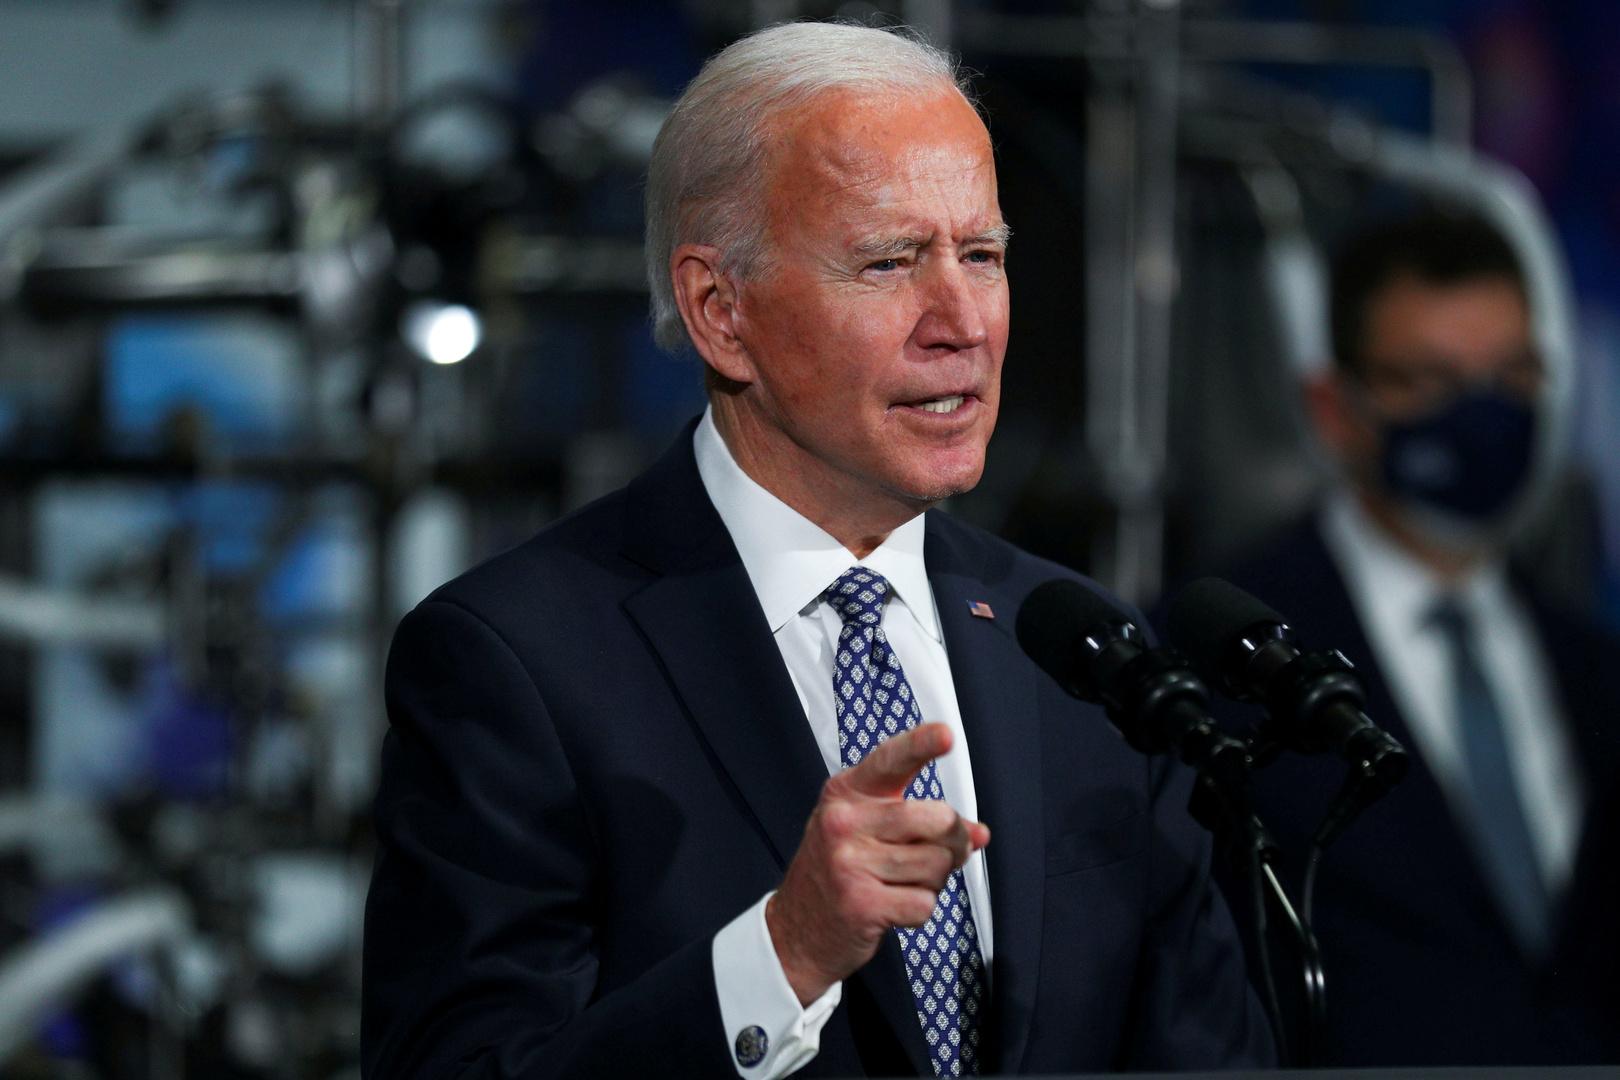 مسؤول أمريكي: تسييس ارتداء الكمامة أدى إلى وفاة عشرات الآلاف